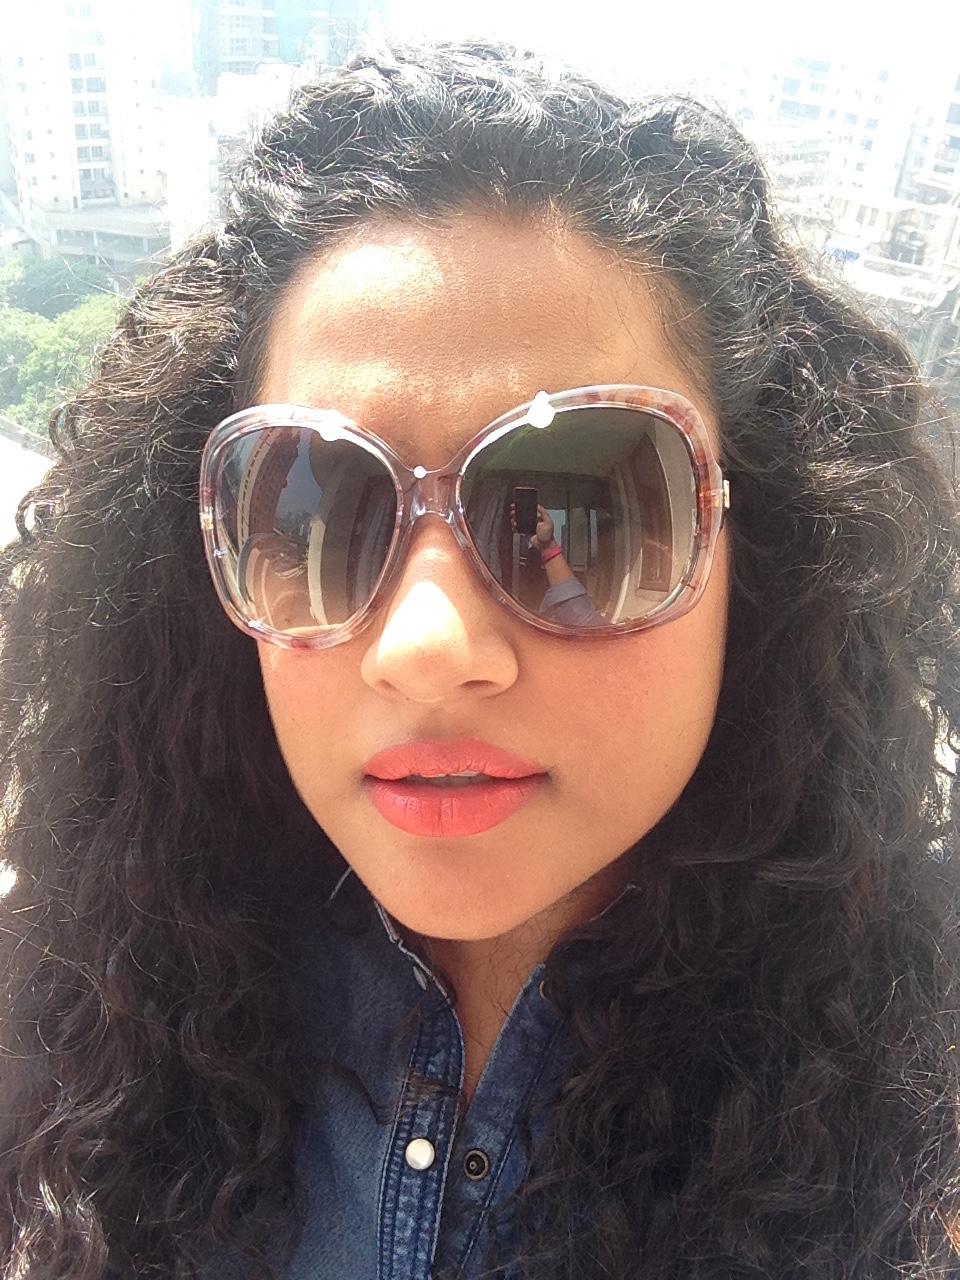 Sunglasses: Gucci